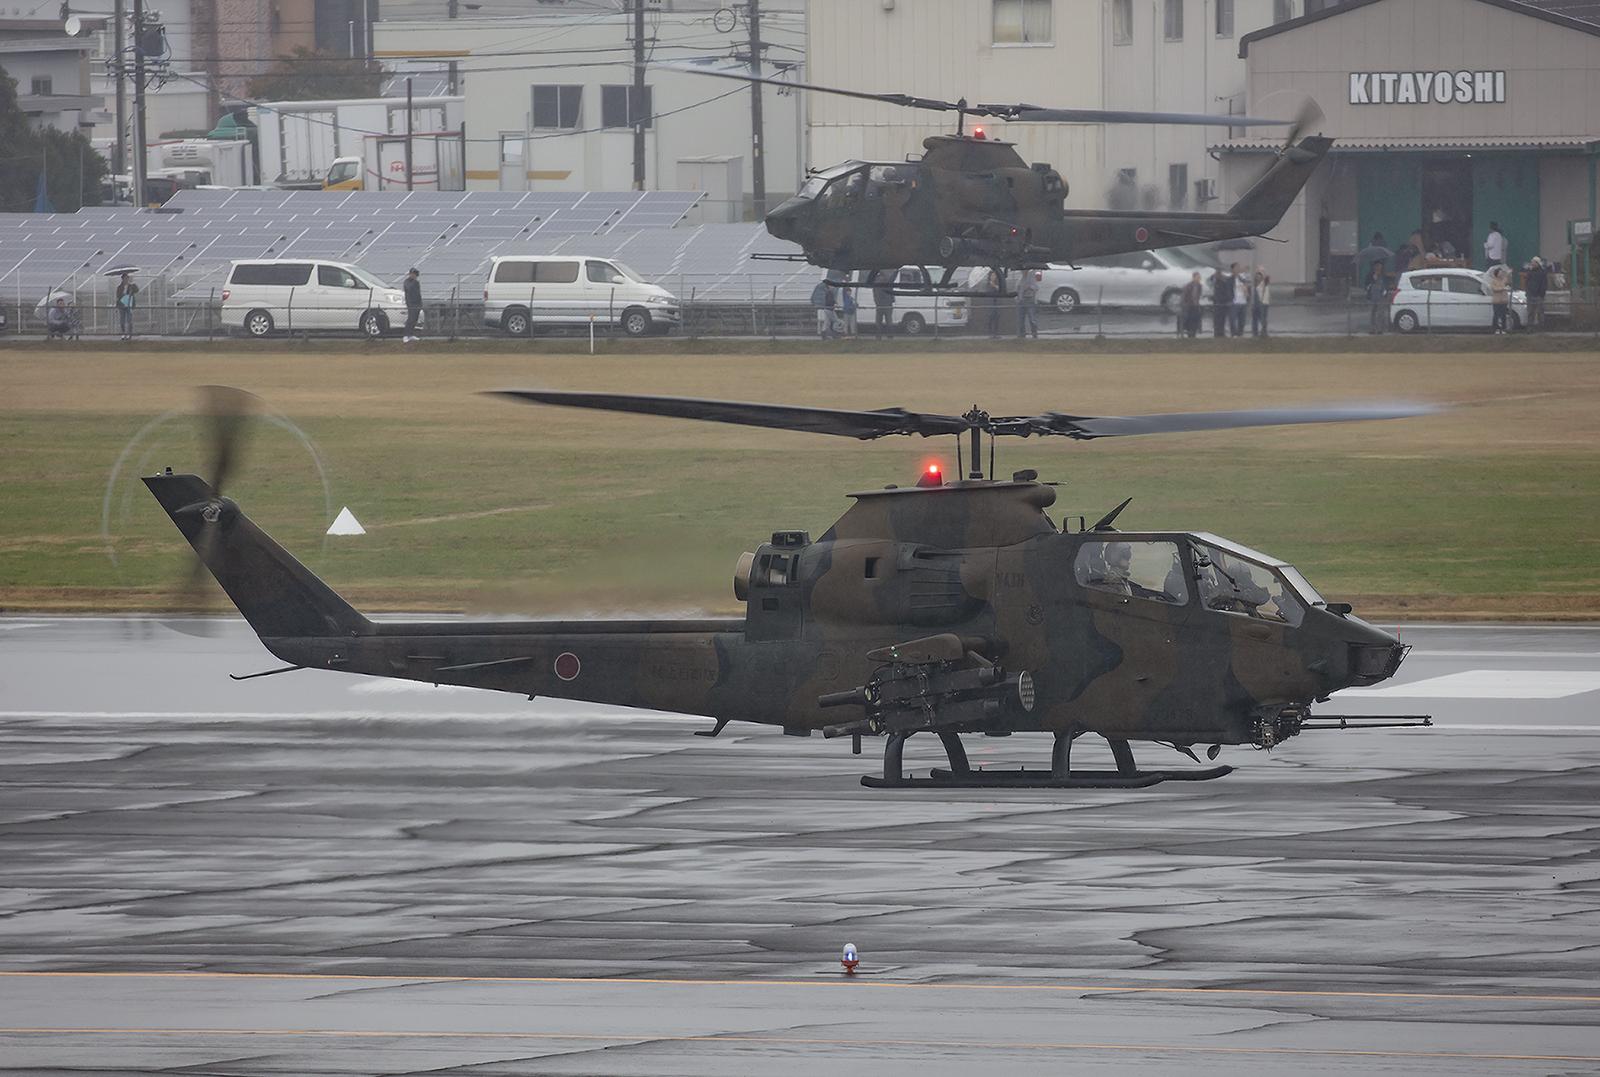 Als Hubschrauber in der Panzerabwehr ist sie trotz ihres Alters immer noch Weltspitze.